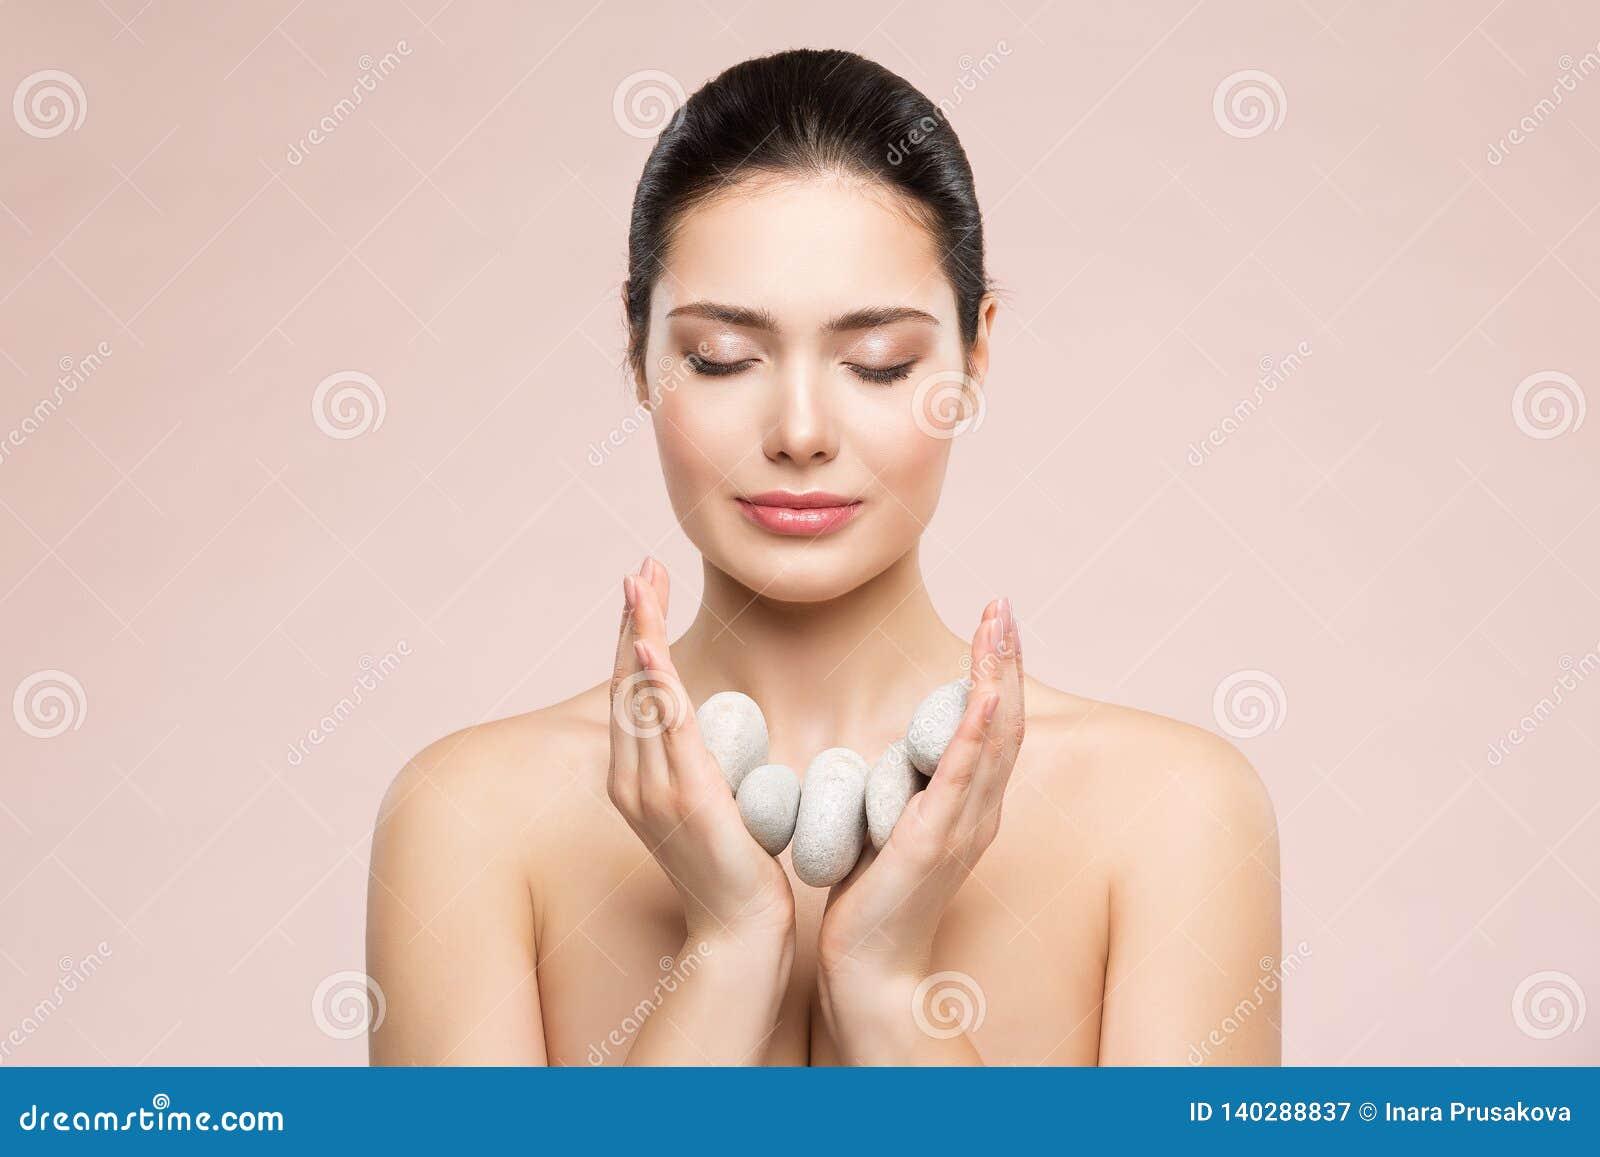 Cuidado da beleza da mulher e tratamento, modelo bonito Holding Massage Stones nas mãos, sonhos felizes da saúde da menina